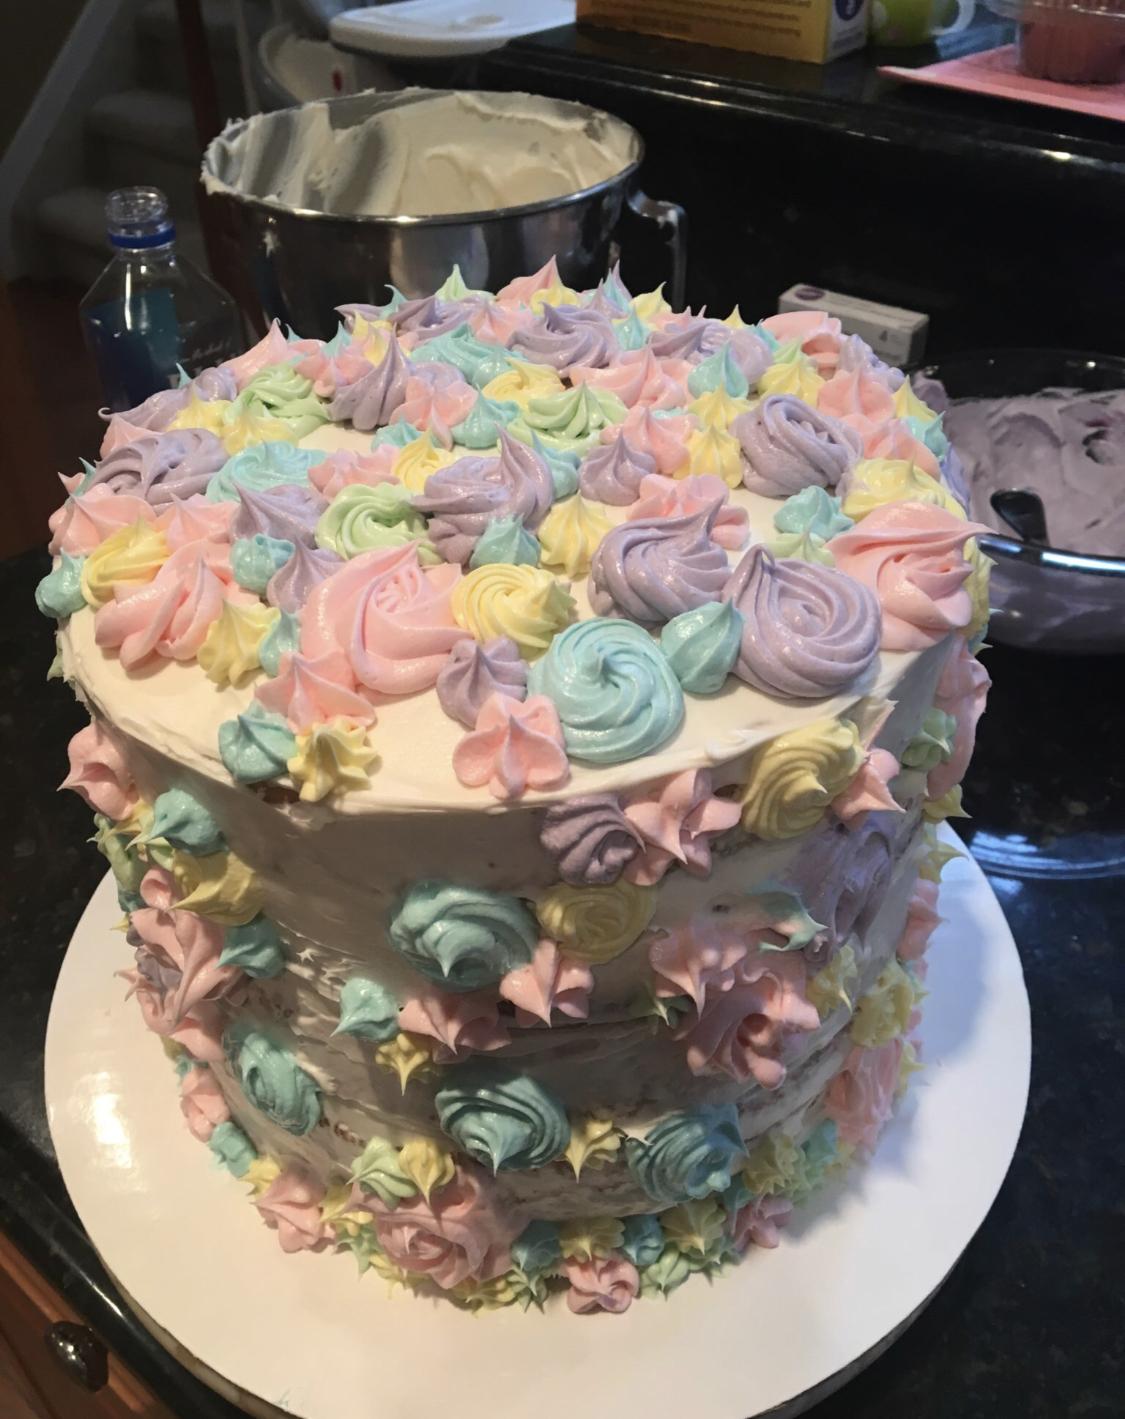 Baking a cake ….